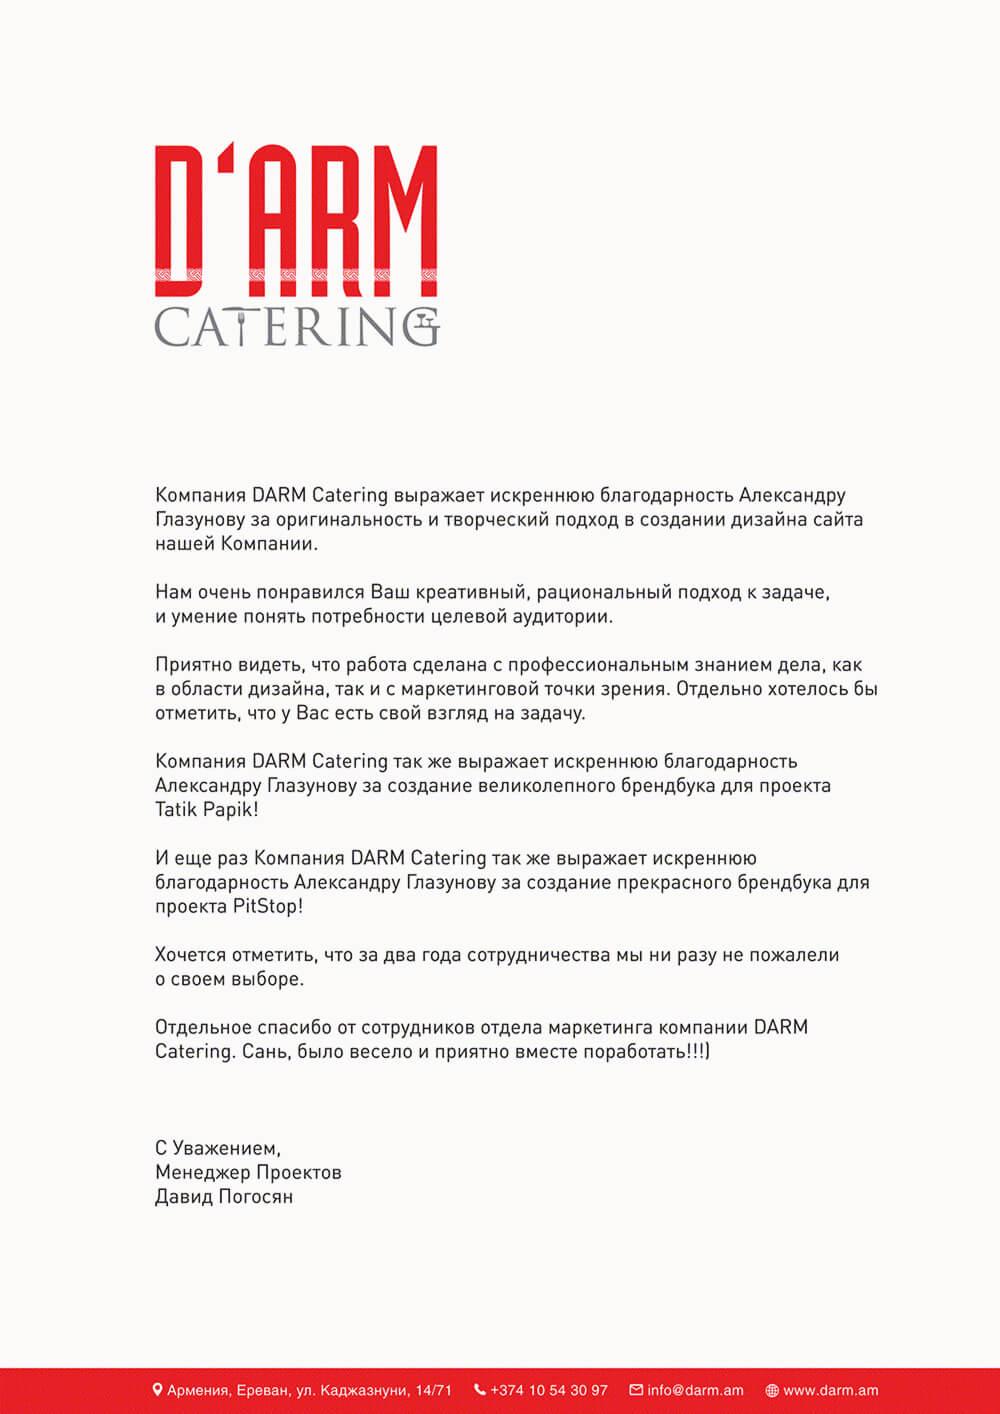 Компания DARM catering выражает искреннюю благодарность Александру Глазунову заоригинальность итворческий подход всоздании дизайна сайта нашей Компании.Нам очень понравился Ваш креативный, рациональный подход кзадаче, иумение понять потребности целевой аудитории. Компания DARM catering также выражает искреннюю благодарность Александру Глазунову засоздание великолепного брендбука для проекта Tatik Papik! Иеще раз Компания DARM catering также выражает искреннюю благодарность Александру Глазунову засоздание прекрасного брендбука для проекта PitStop! Отдельное спасибо отсотрудников отдела маркетинга компании DARM cateting. Сань, было весело иприятно вместе поработать!!!